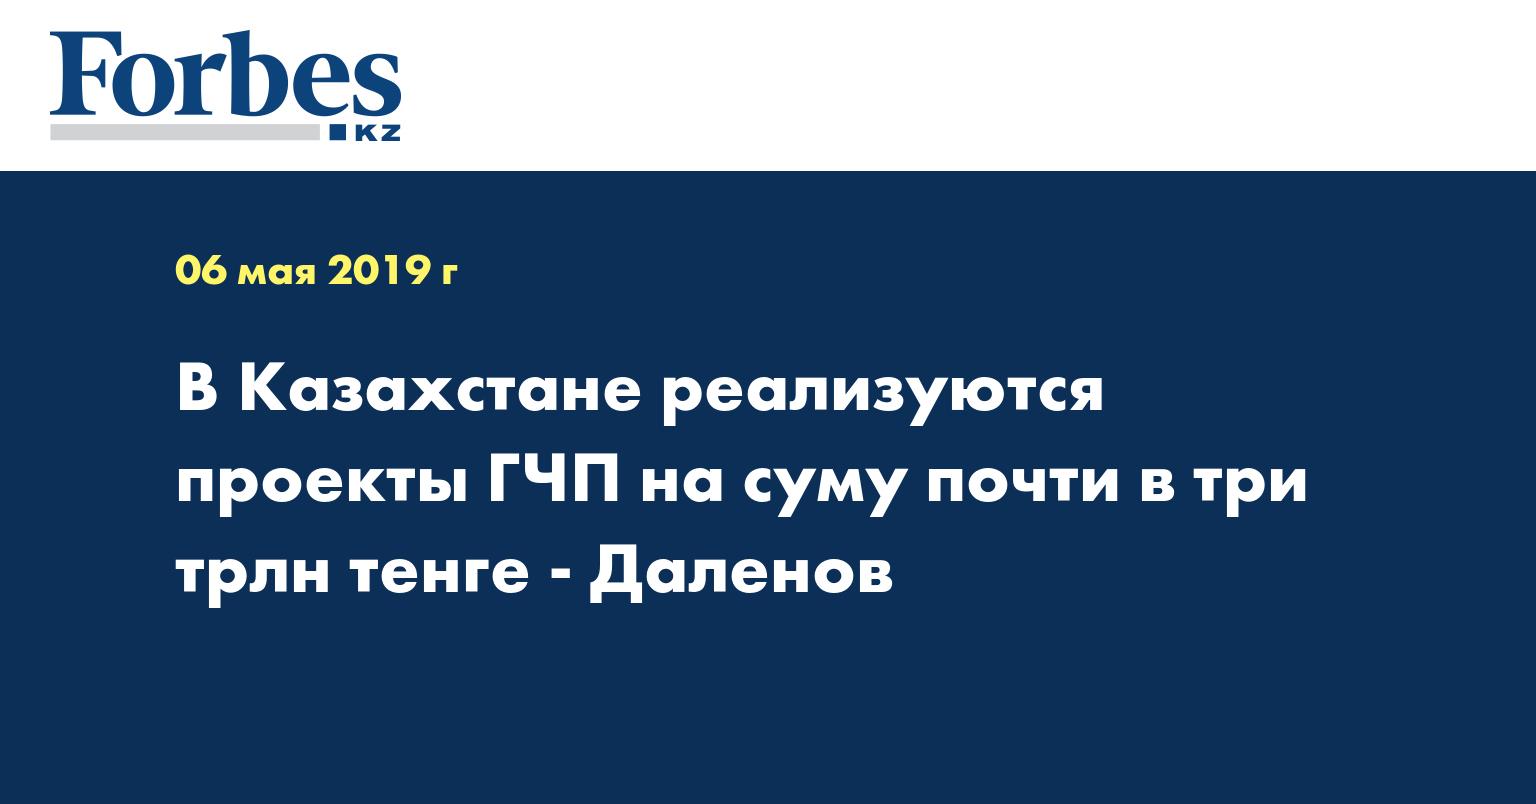 В Казахстане реализуются проекты ГЧП на сумму почти 3 трлн тенге - Даленов